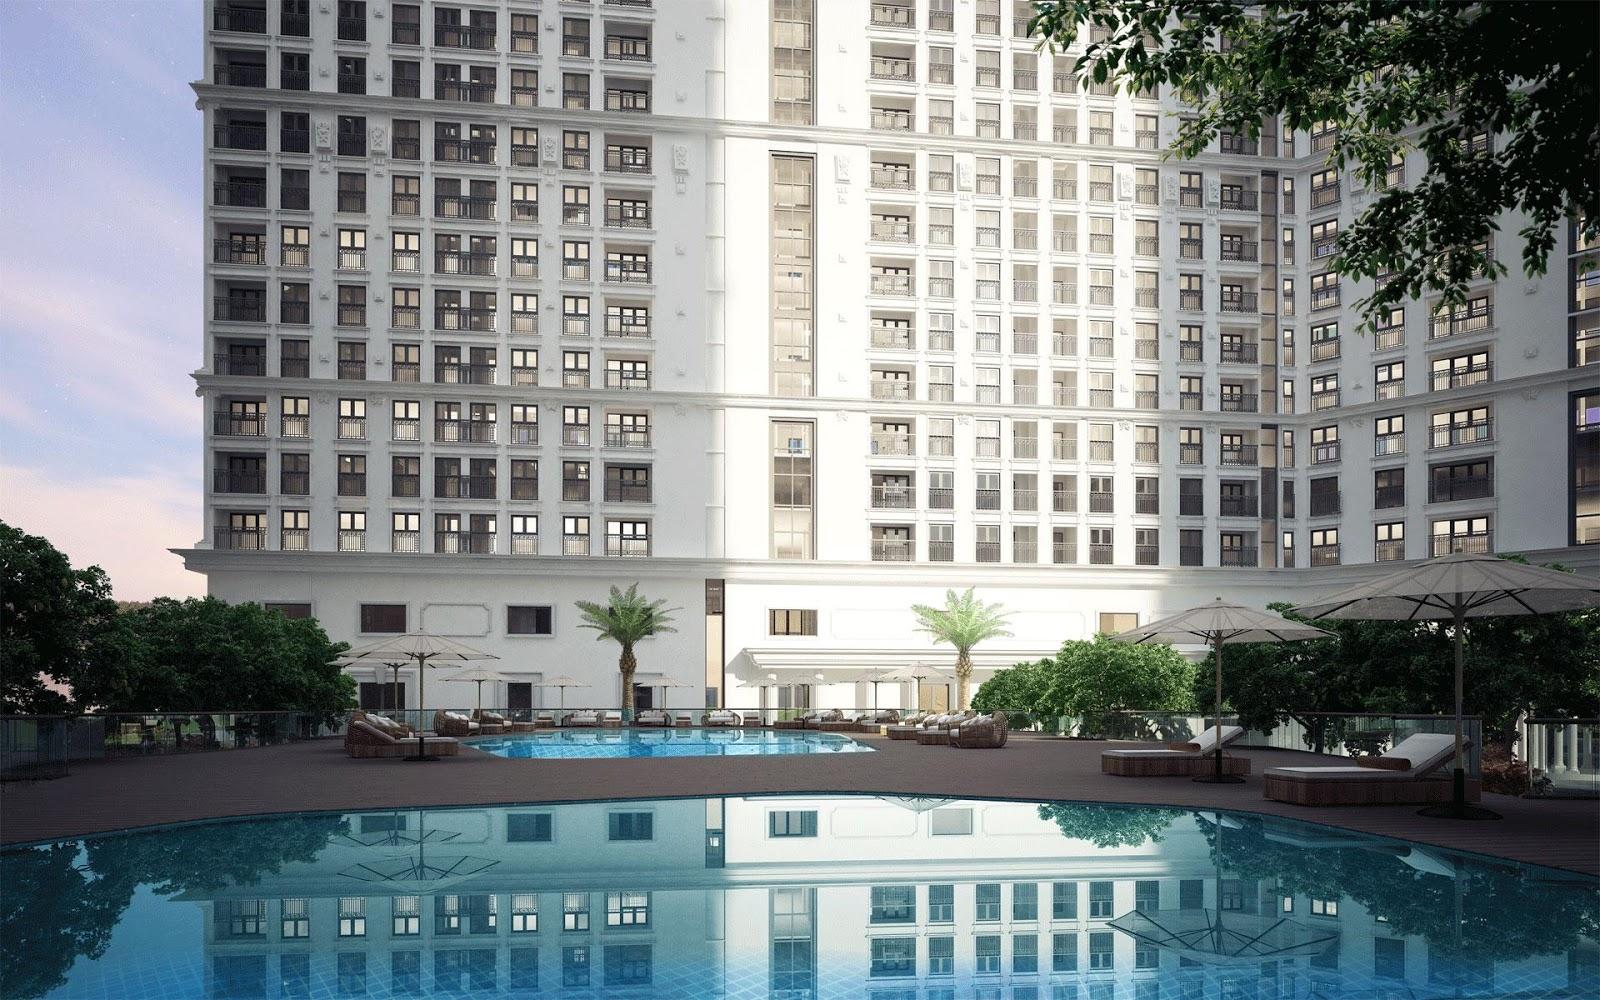 Bể bơi hiện đại tại chung cư The Emerald